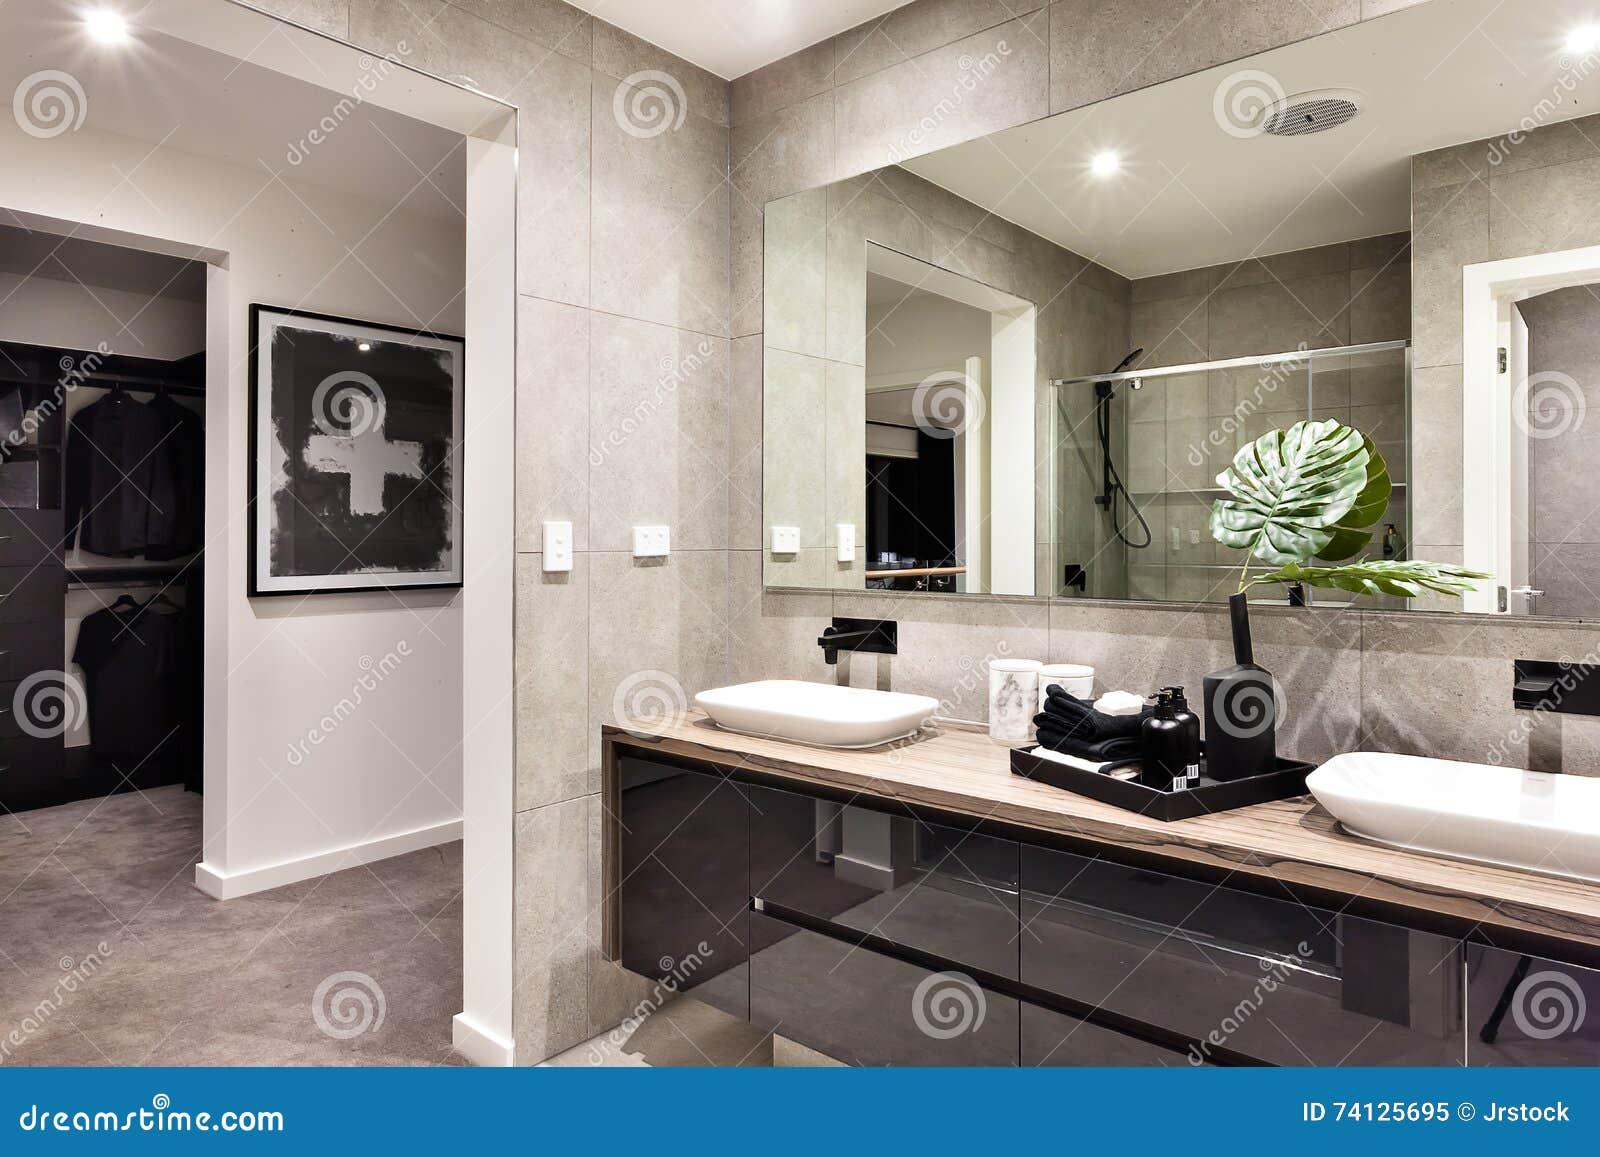 Controsoffitto nel bagno piastrelle a tutta altezza sulle pareti del bagno u af come decorare - Come fare ad andare in bagno ...